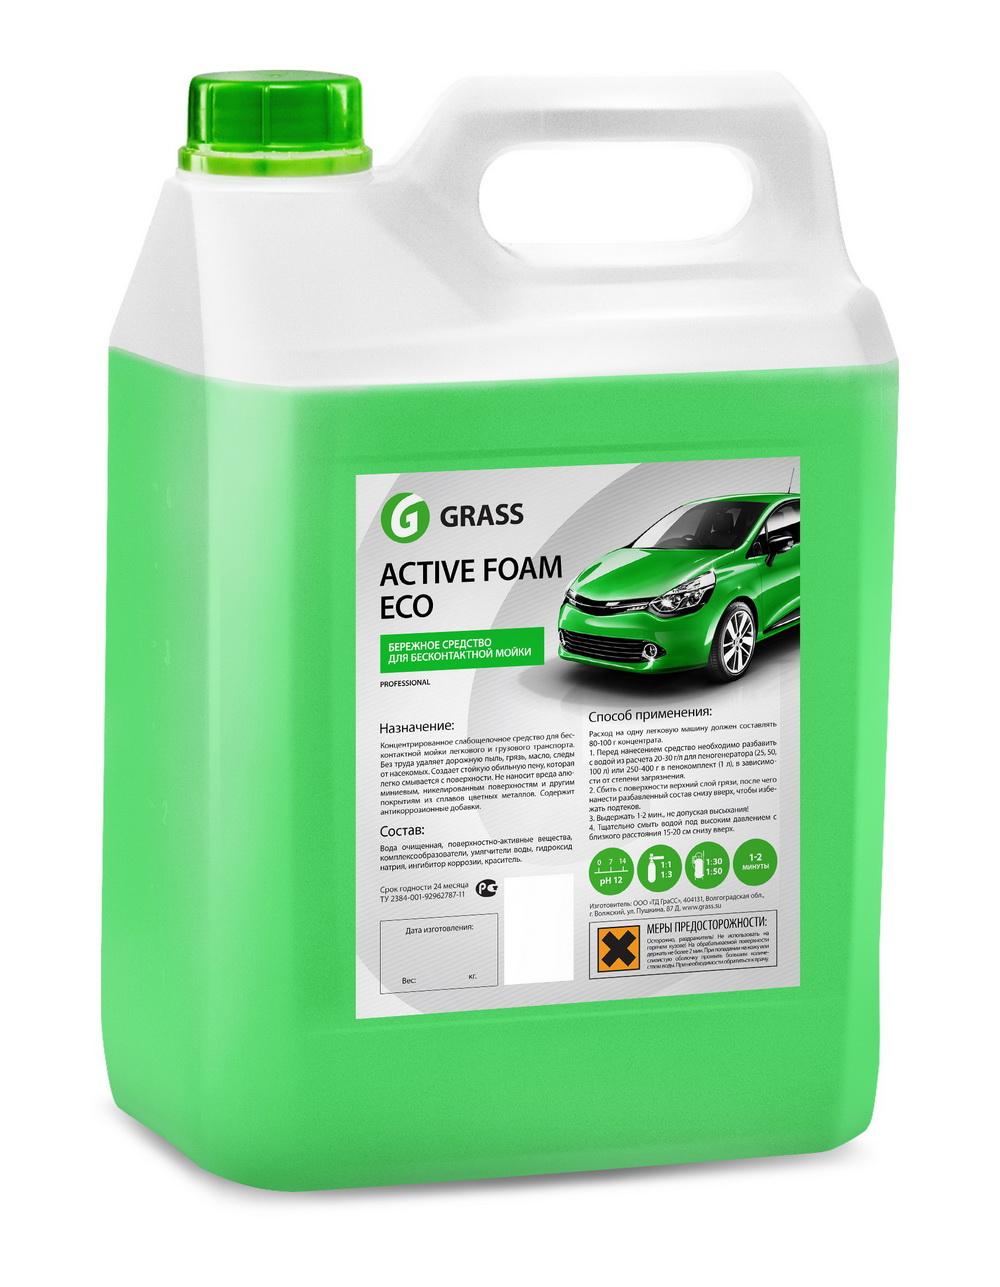 Очиститель GrassАвтомобильная косметика<br>Тип: очиститель,<br>Объем: 5.8<br>